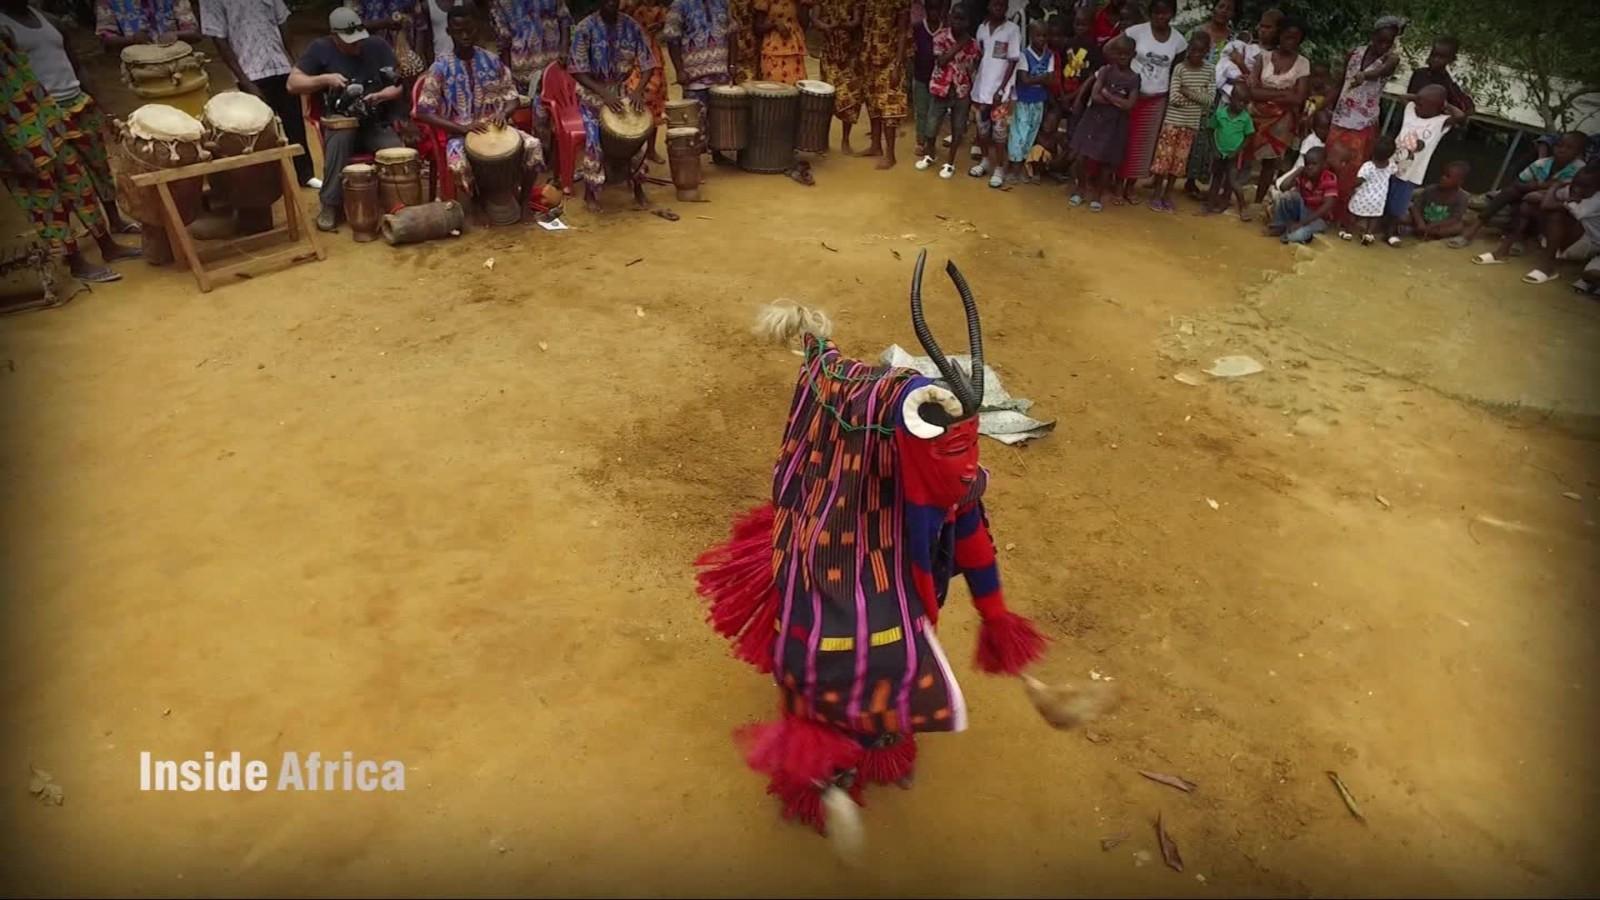 161010115501-inside-africa-masks-spc-c-00074209-full-169